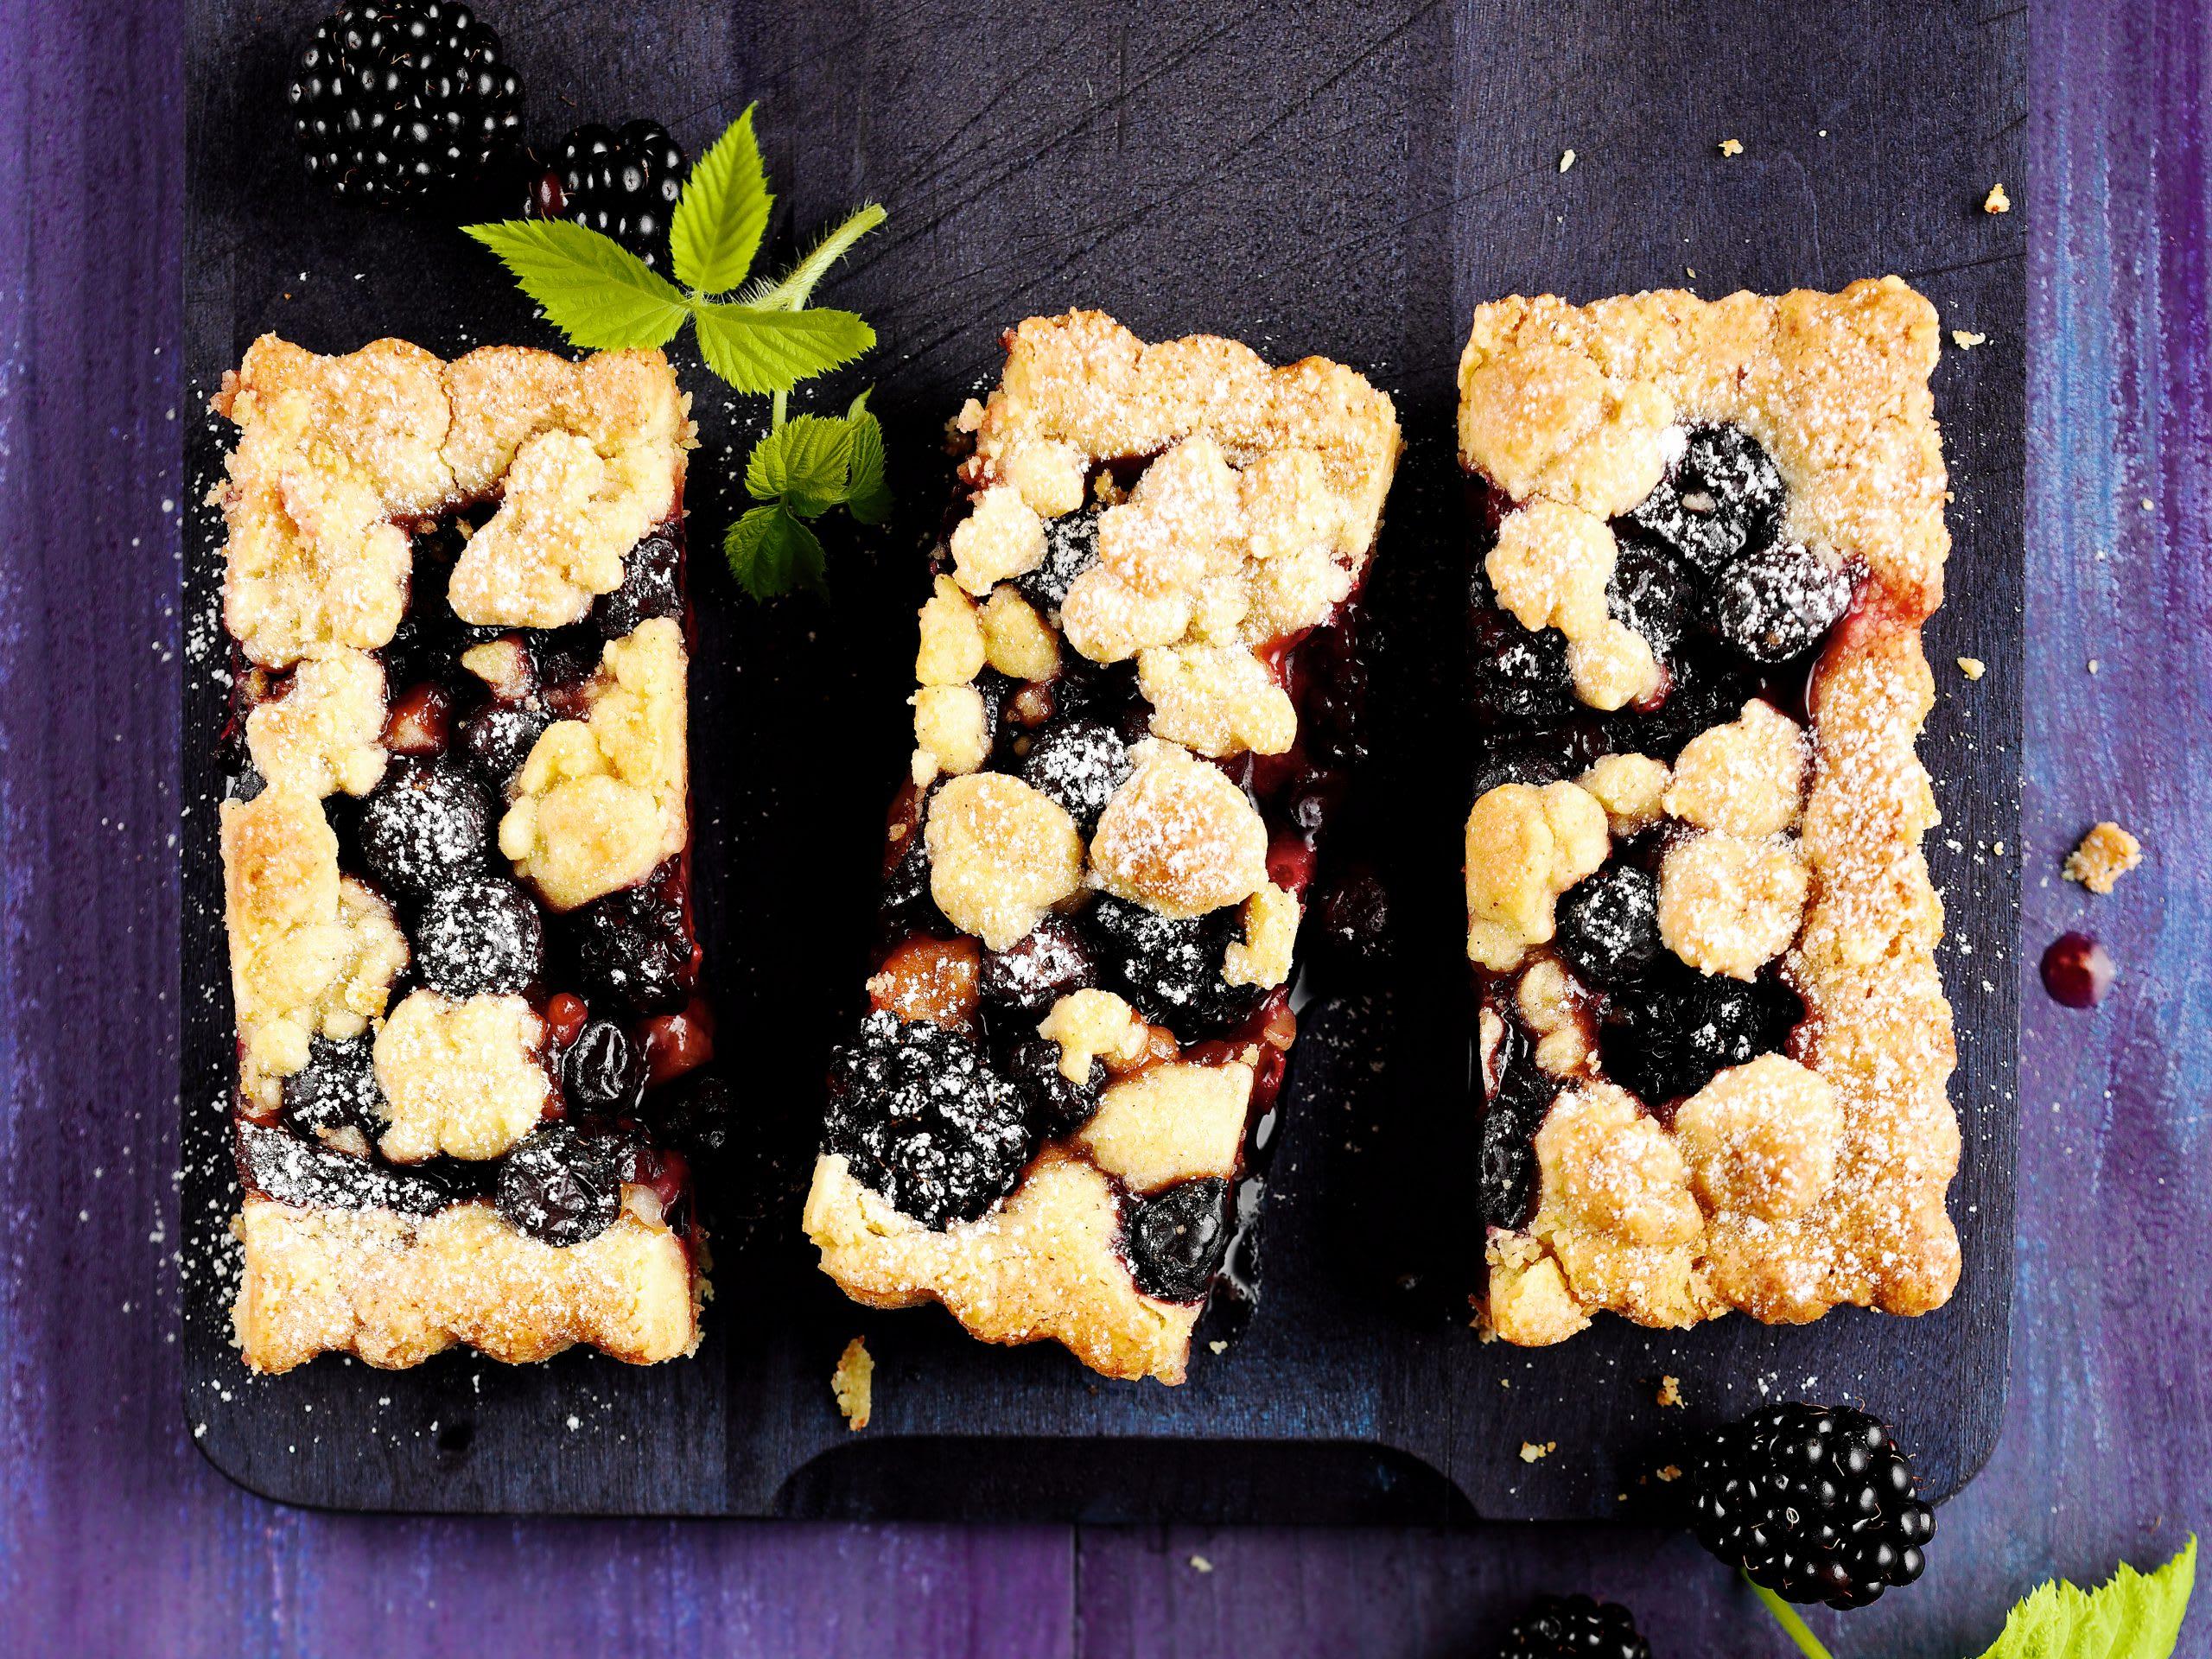 Streuselkuchen mit Beeren und Zwetschgen